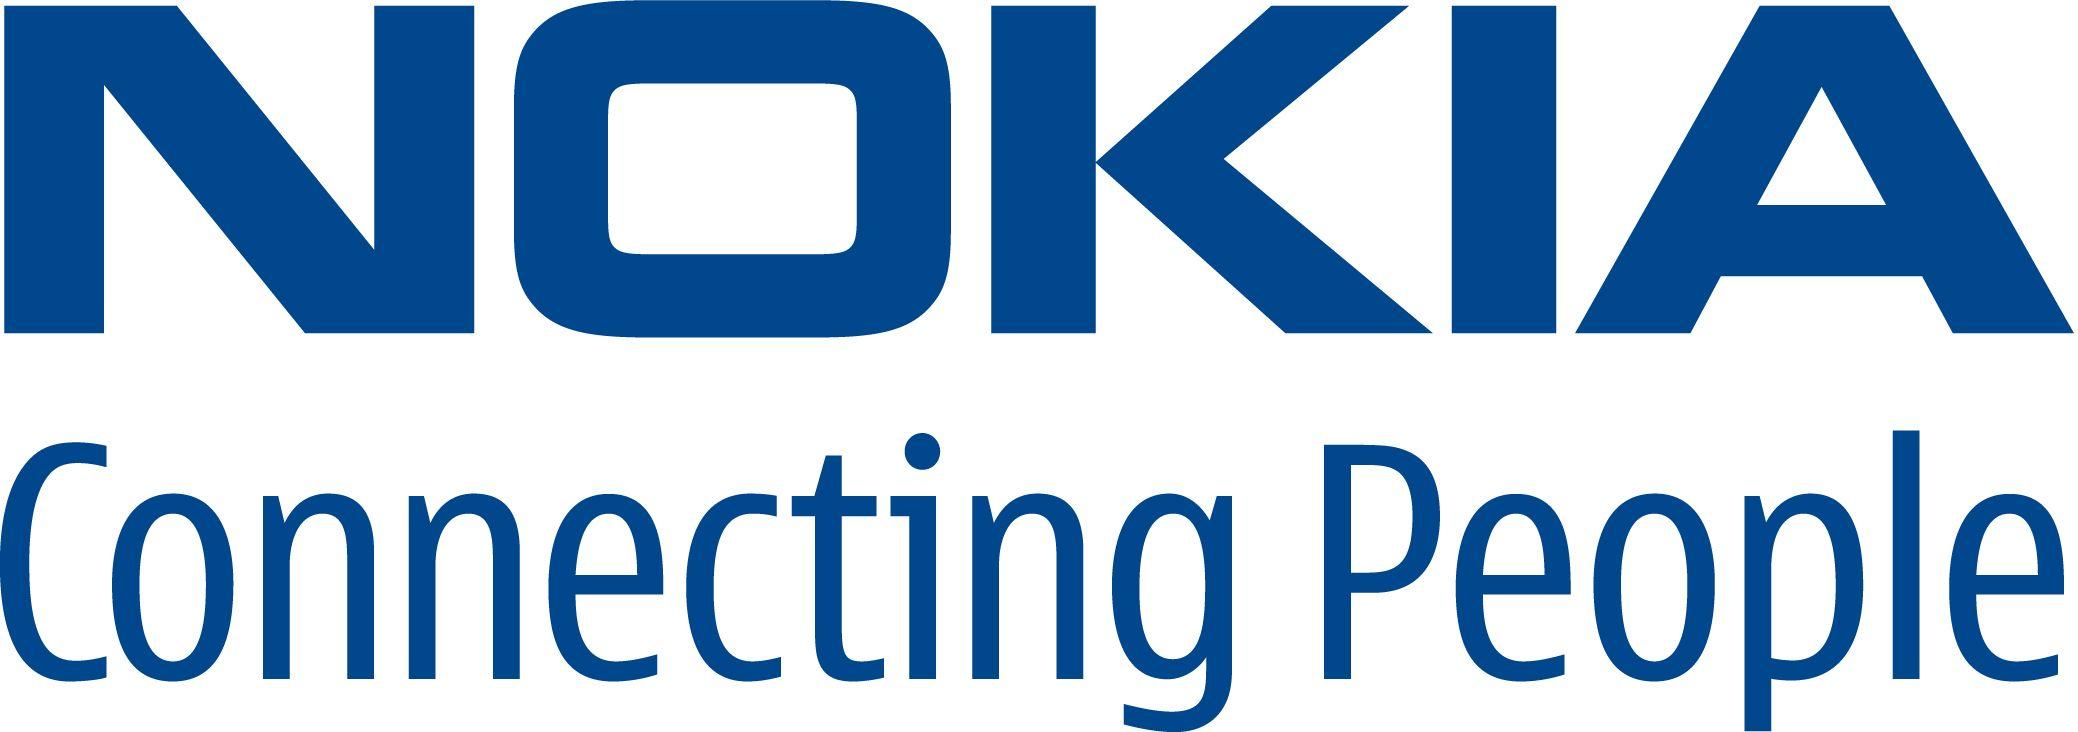 HERE la plataforma de mapas de Nokia fue adquirida por BMW, Audi y Daimler